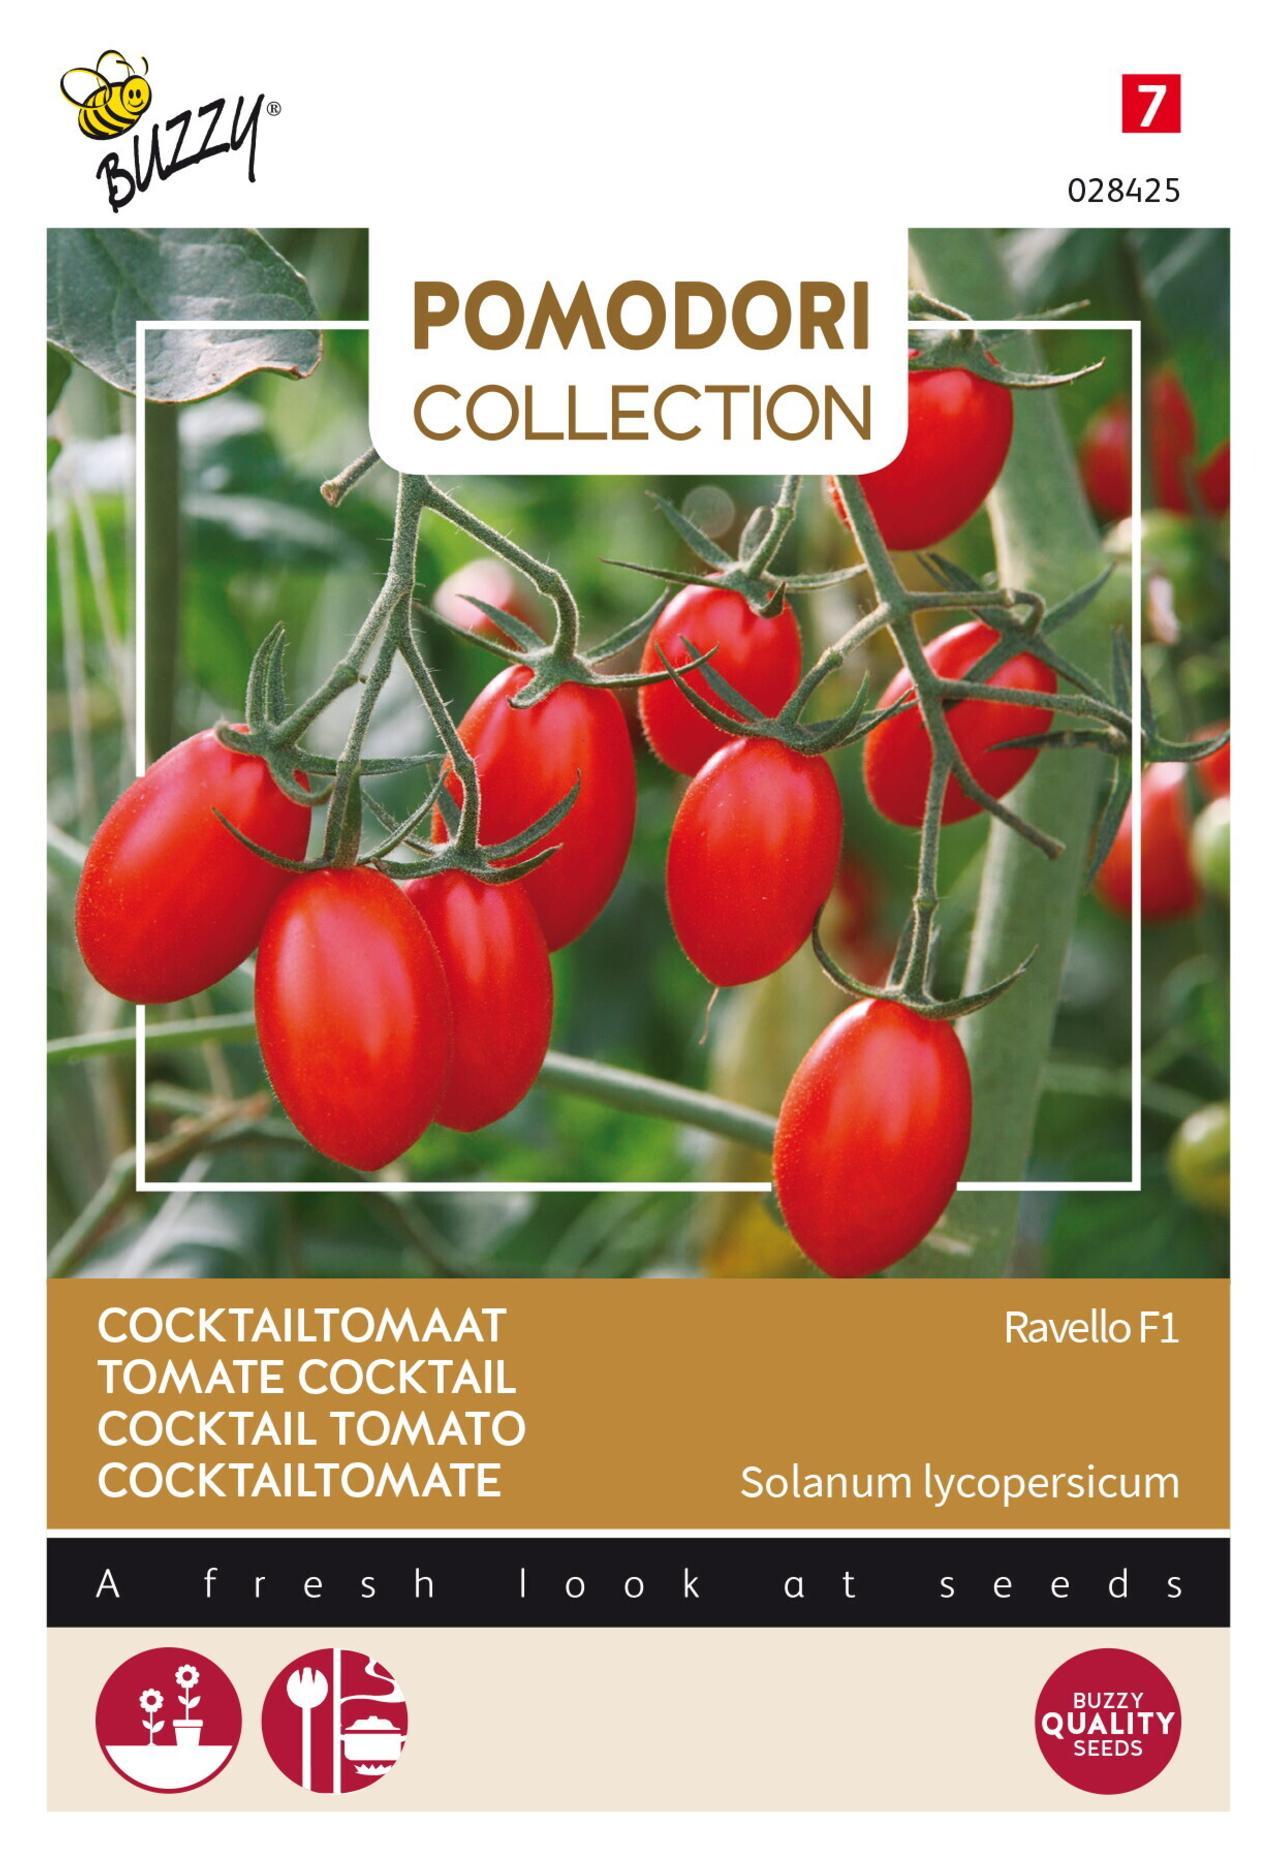 Solanum lycopersicum 'Ravello F1' plant